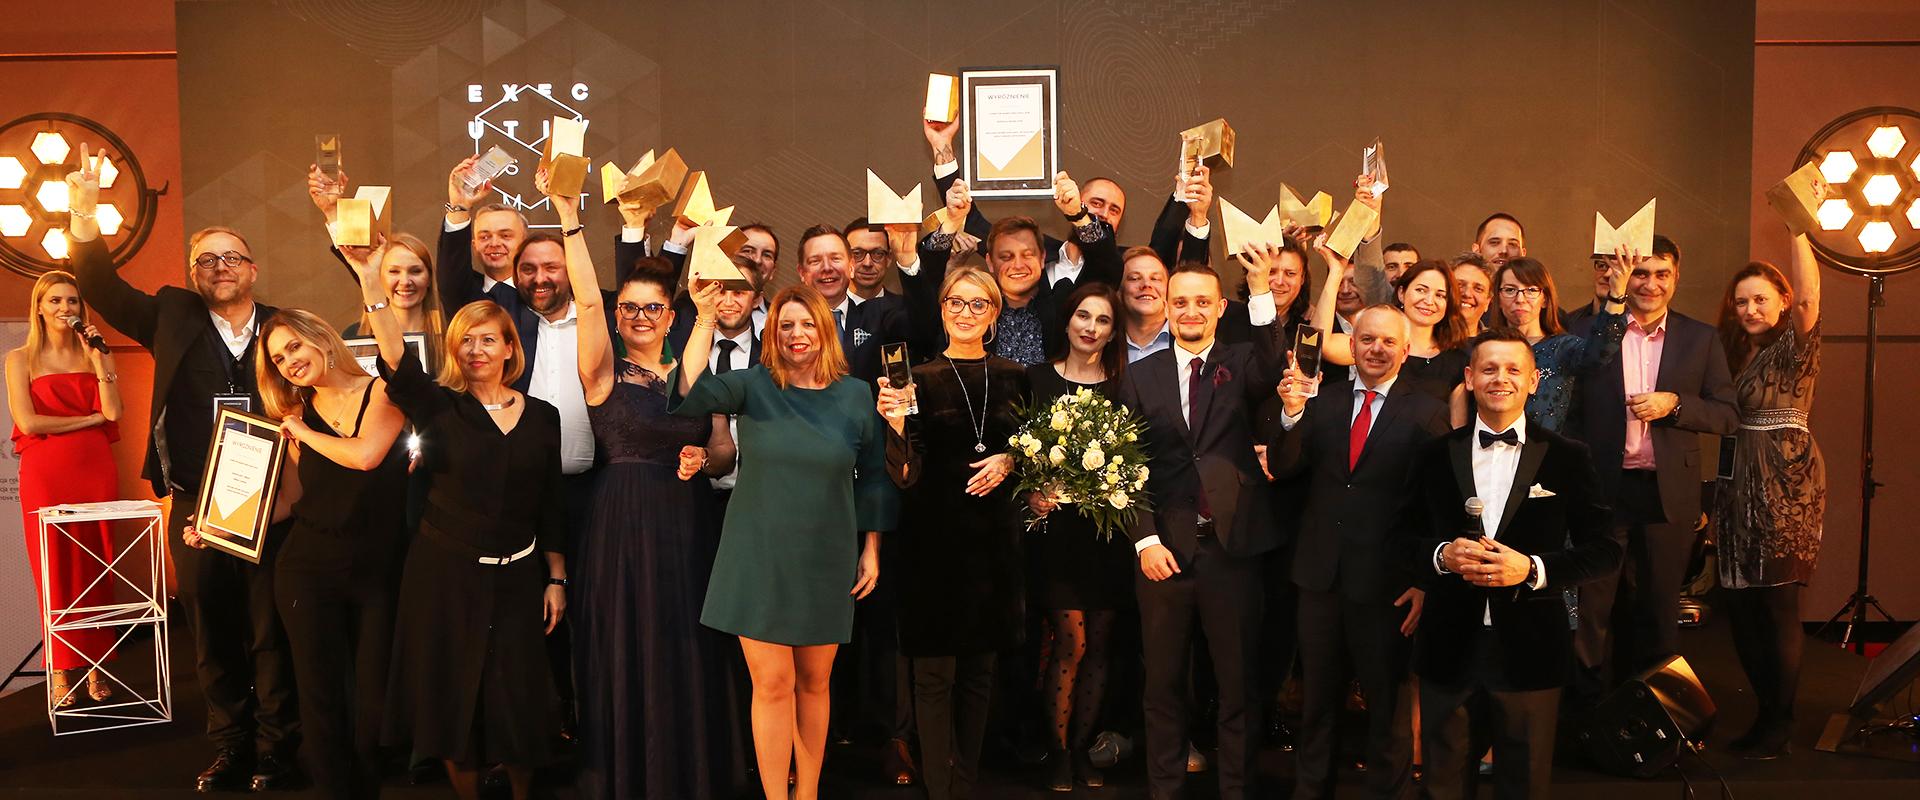 Poznaj laureatów Konkursu Dyrektor Marketingu Roku 2018 - Najlepsi marketerzy w Polsce 2018 Dyrektor Marketingu Roku DMR 2018 GALA 67A